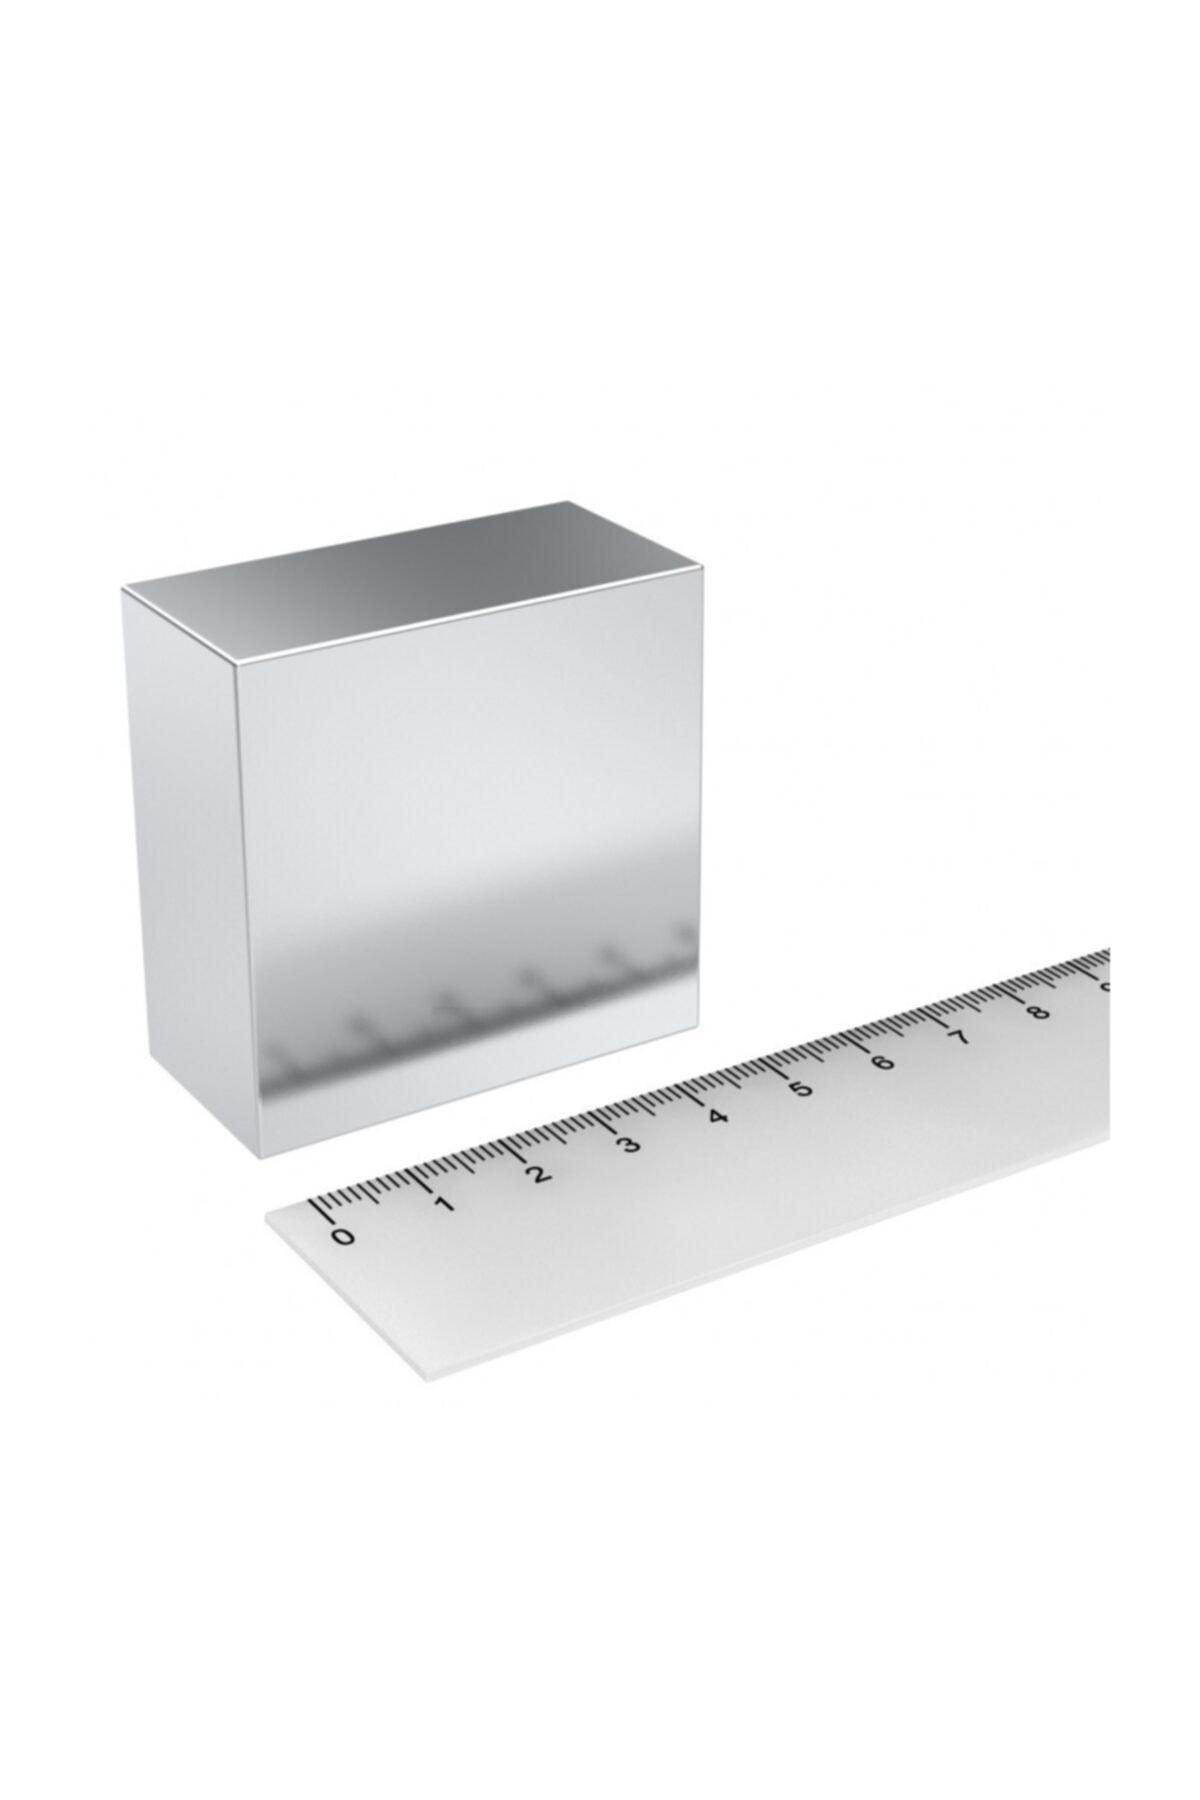 Dünya Magnet ÇOK GÜÇLÜ NEODYUM MIKNATIS, 50mm X 50mm X 25mm Büyük Mıknatıs 1